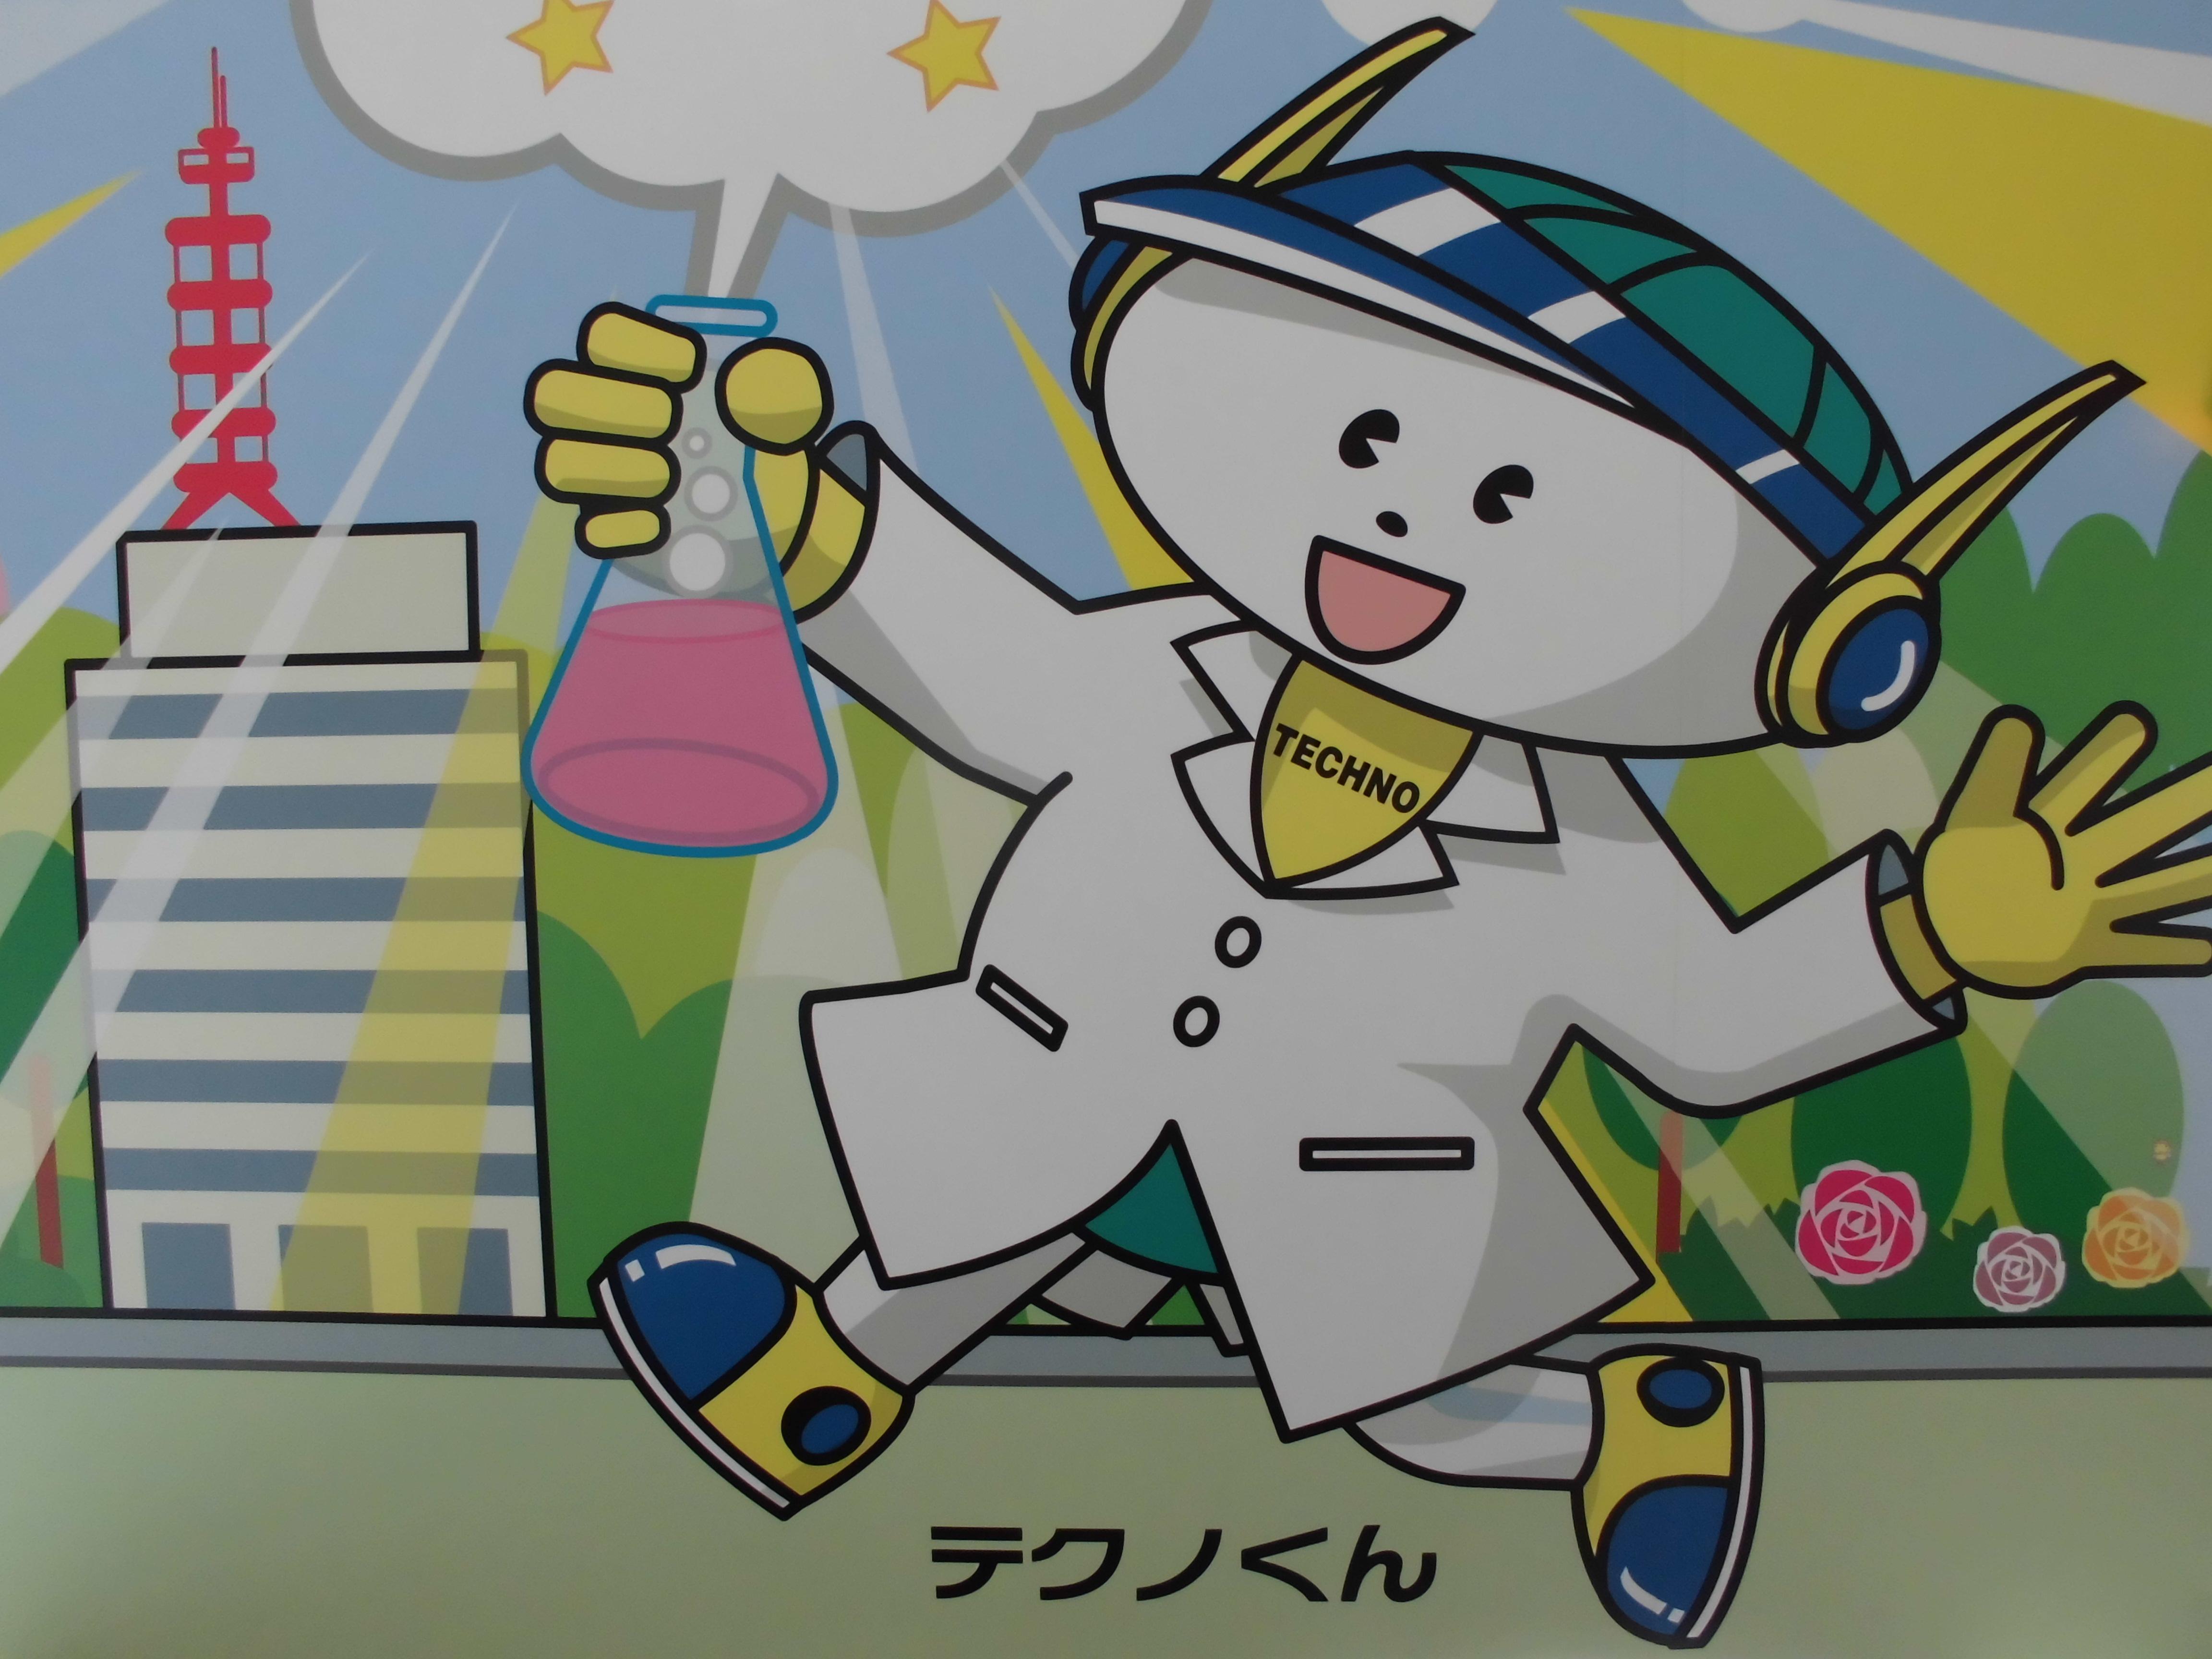 親子で楽しく体験しながら学べる科学技術がここに集結!!【てくてくテクノ館/大阪科学技術館に行ってきました。by-VEGETAPSY】